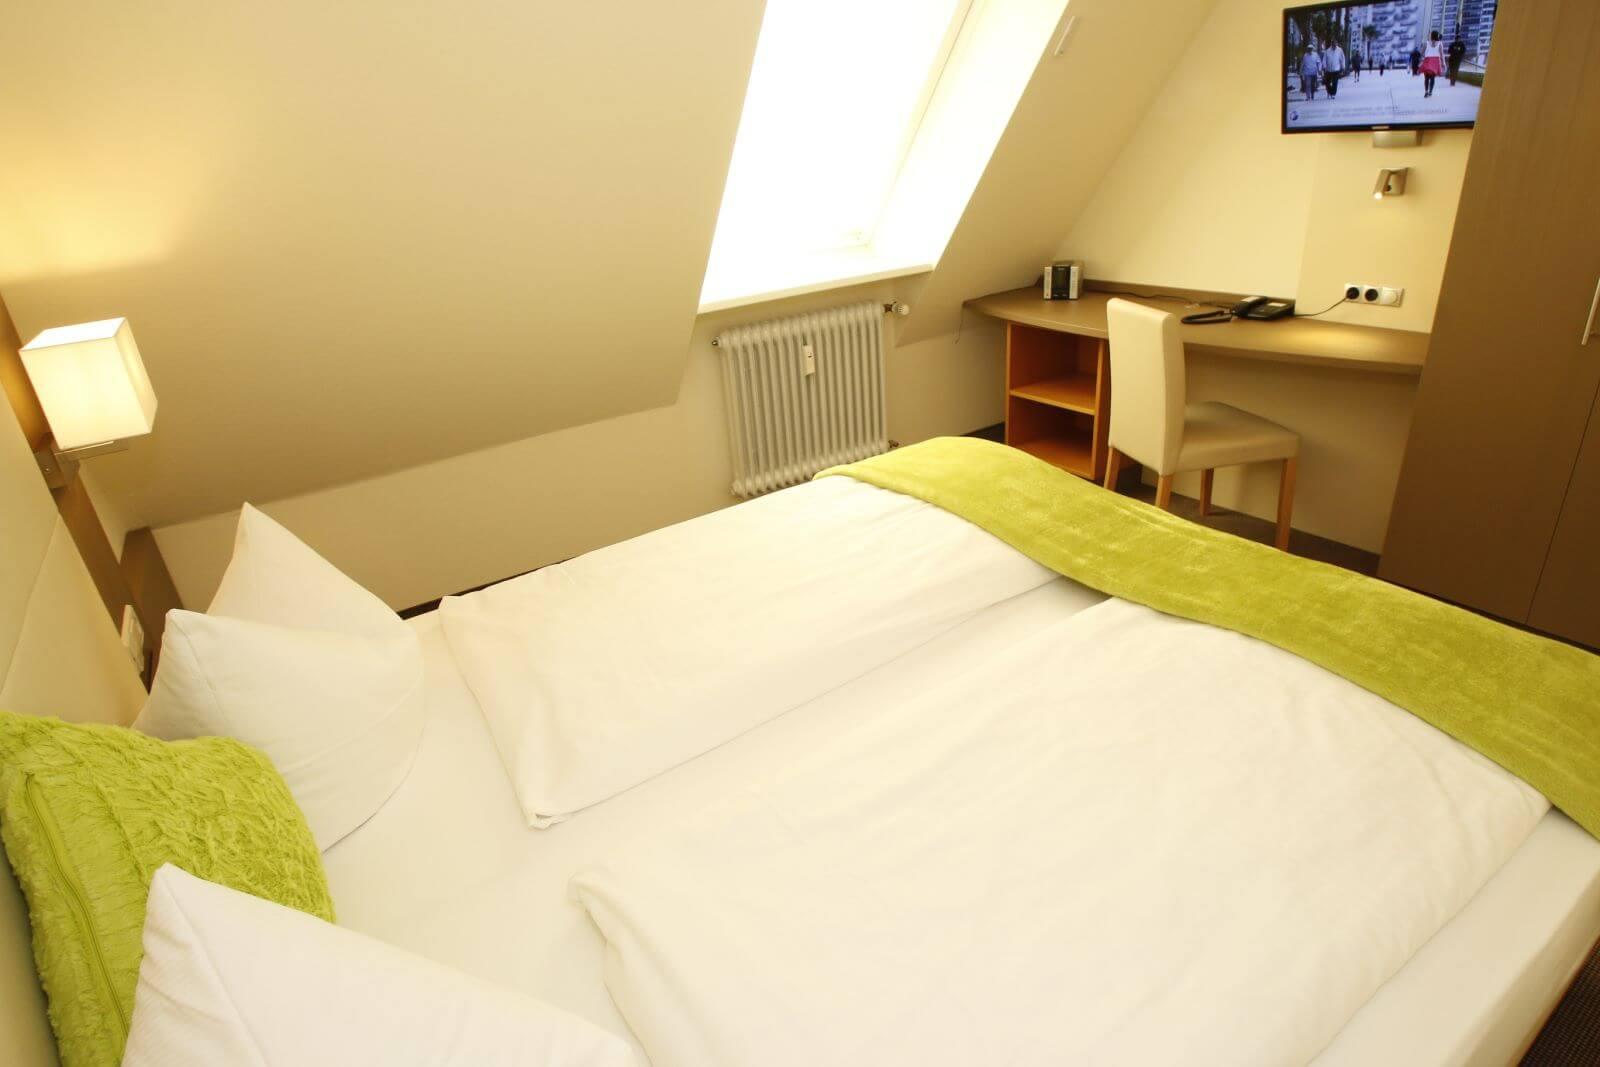 familienzimmer-suite-apartment-hotel-garni-pension-freiburg-cityhotel-innenstadt-guenstig (5)